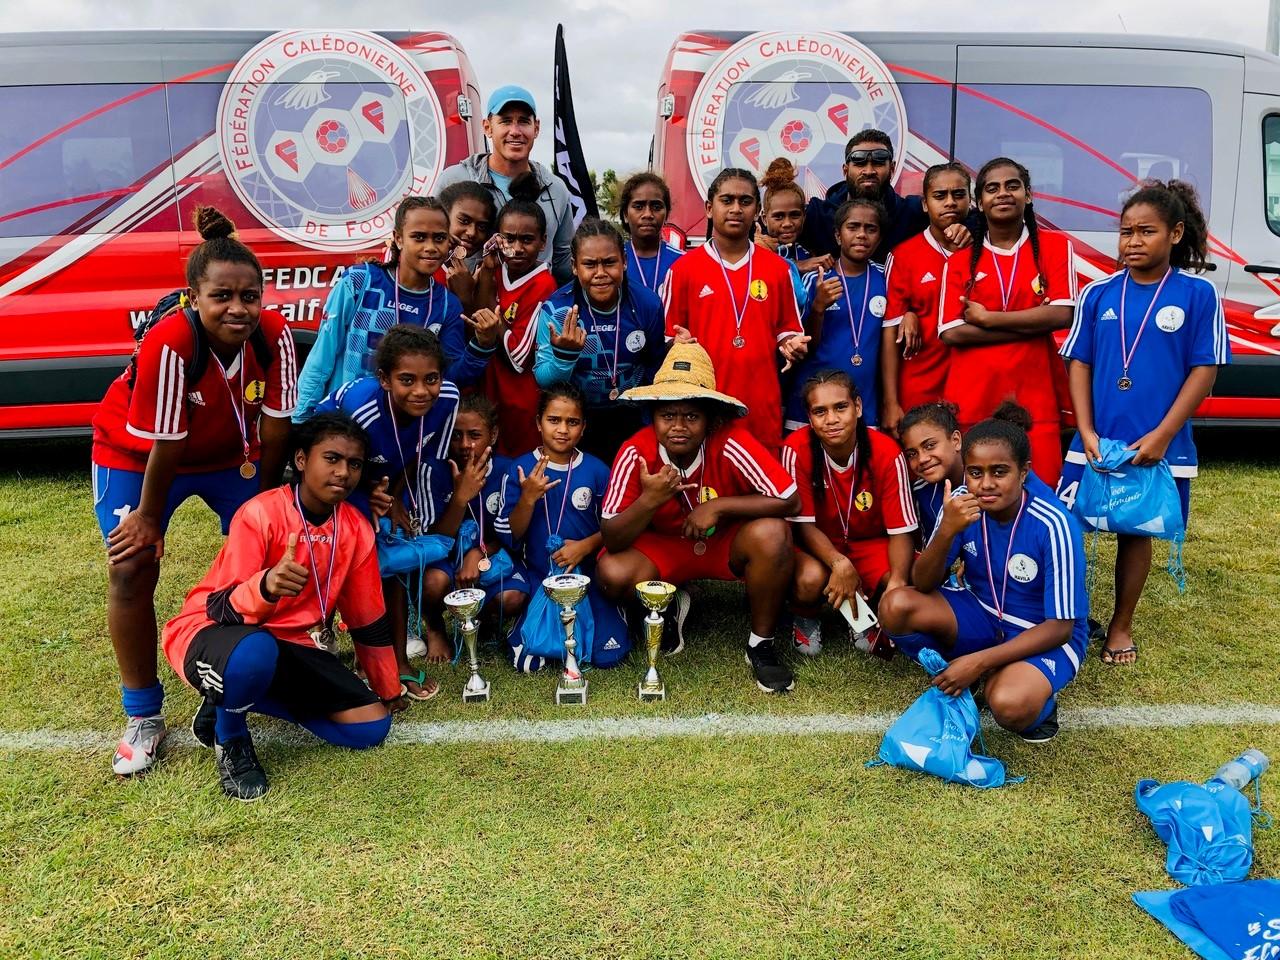 Les Benjamines et les Minimes d'Havila, victorieuses en septembre du Tournoi des Sections Sportives Football organisé par la FCF / Photo : Havila